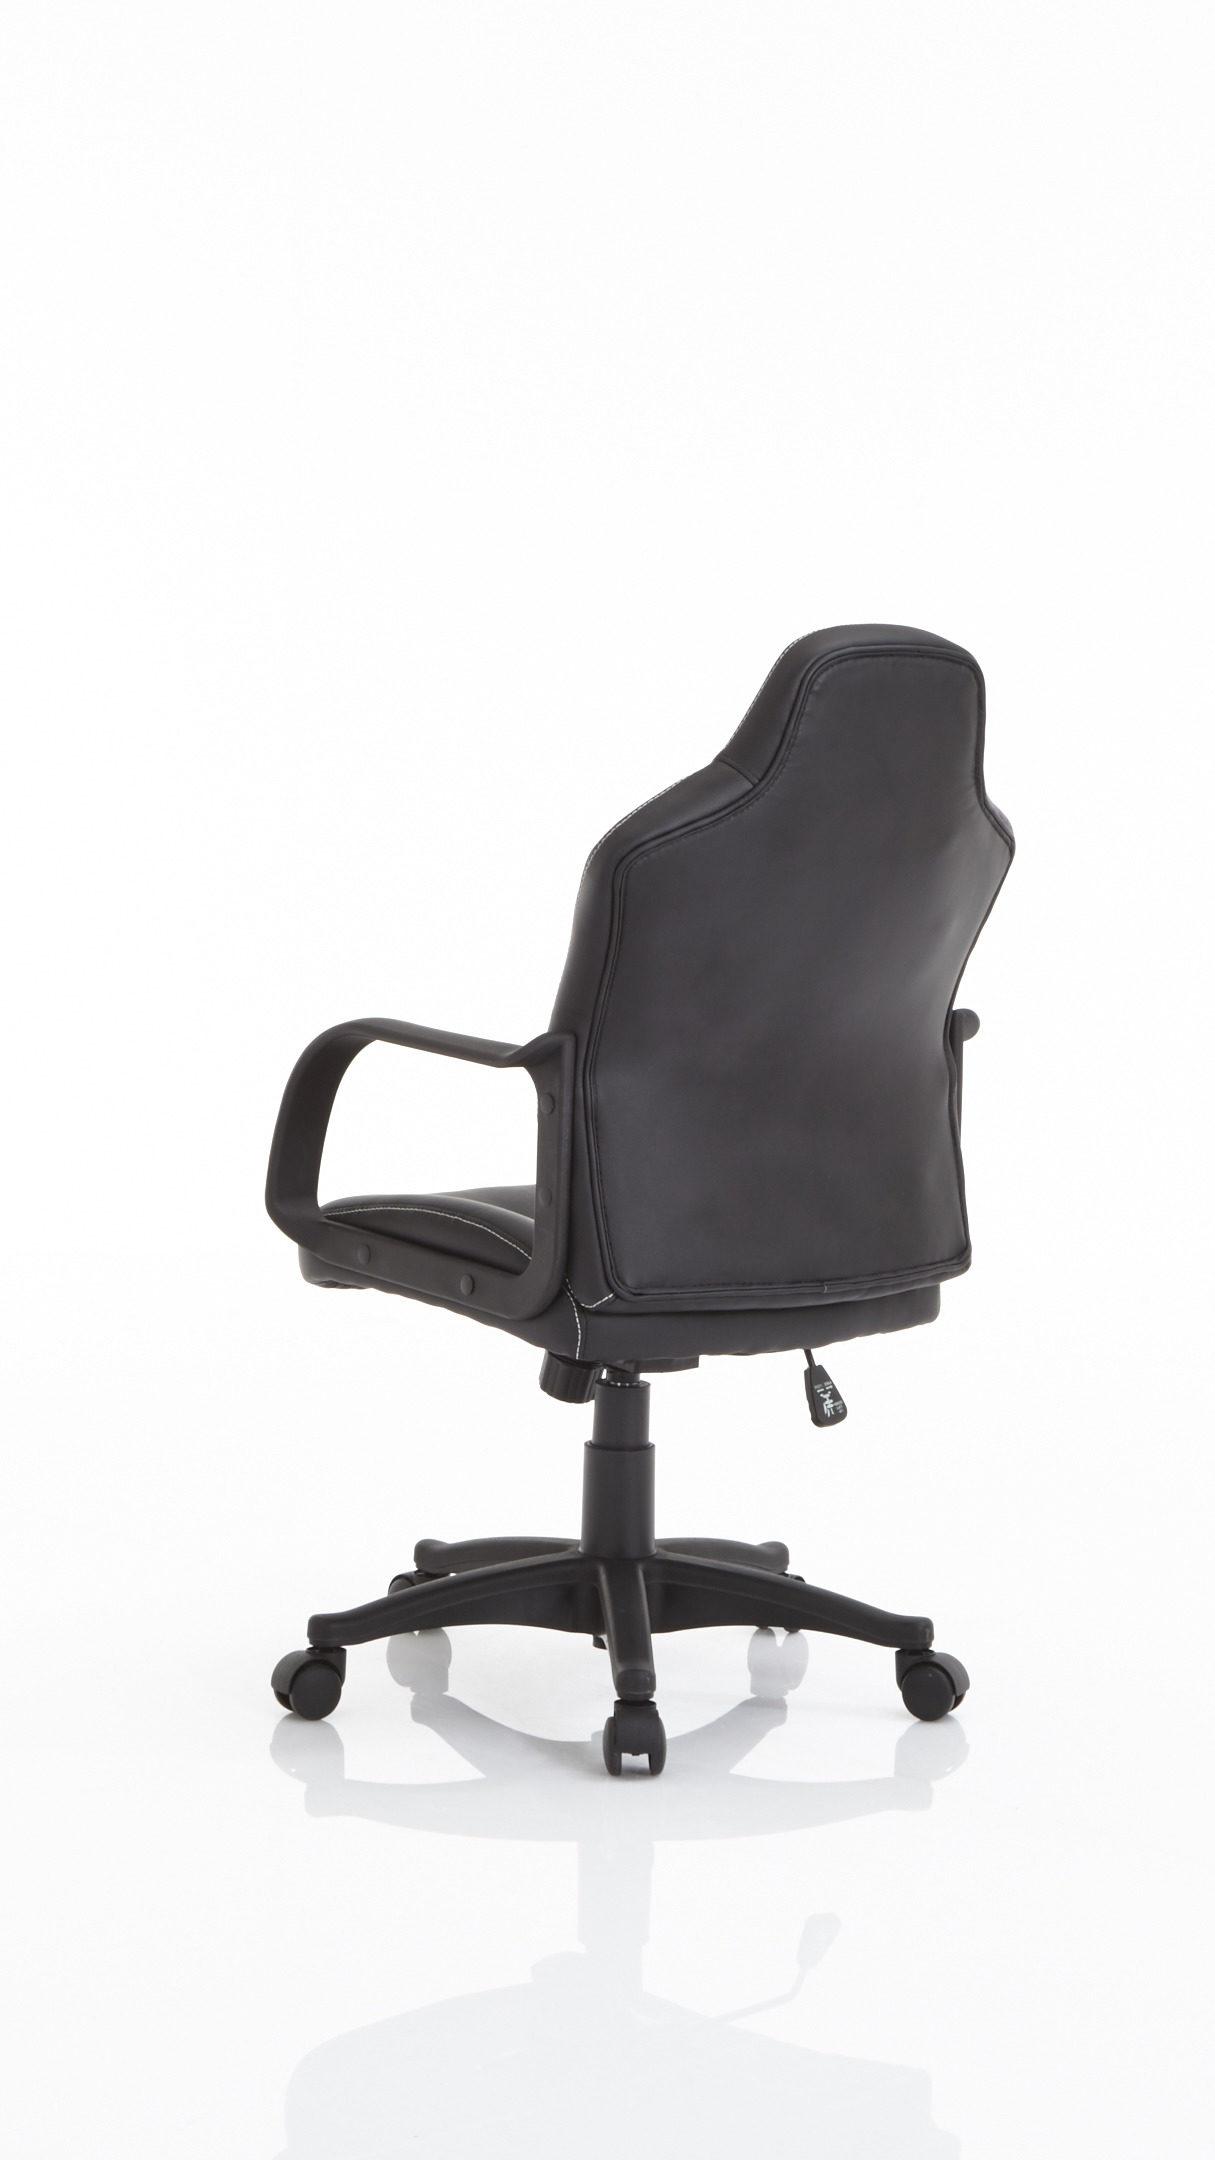 Erfreut Büromöbel Günstig Online Fotos - Die Designideen für ...